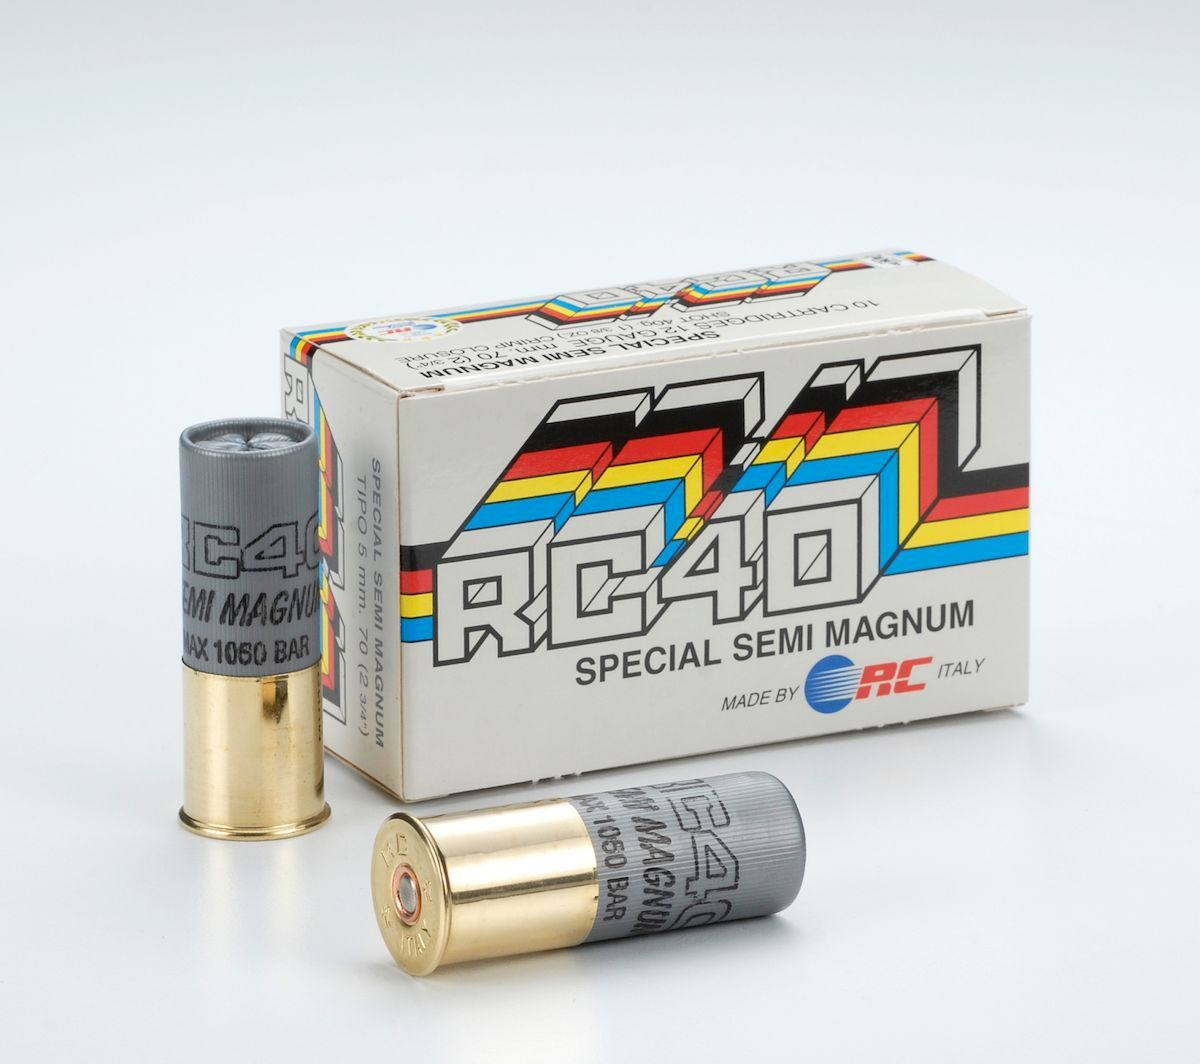 RC 40 Semi Magnum 12/70 40g